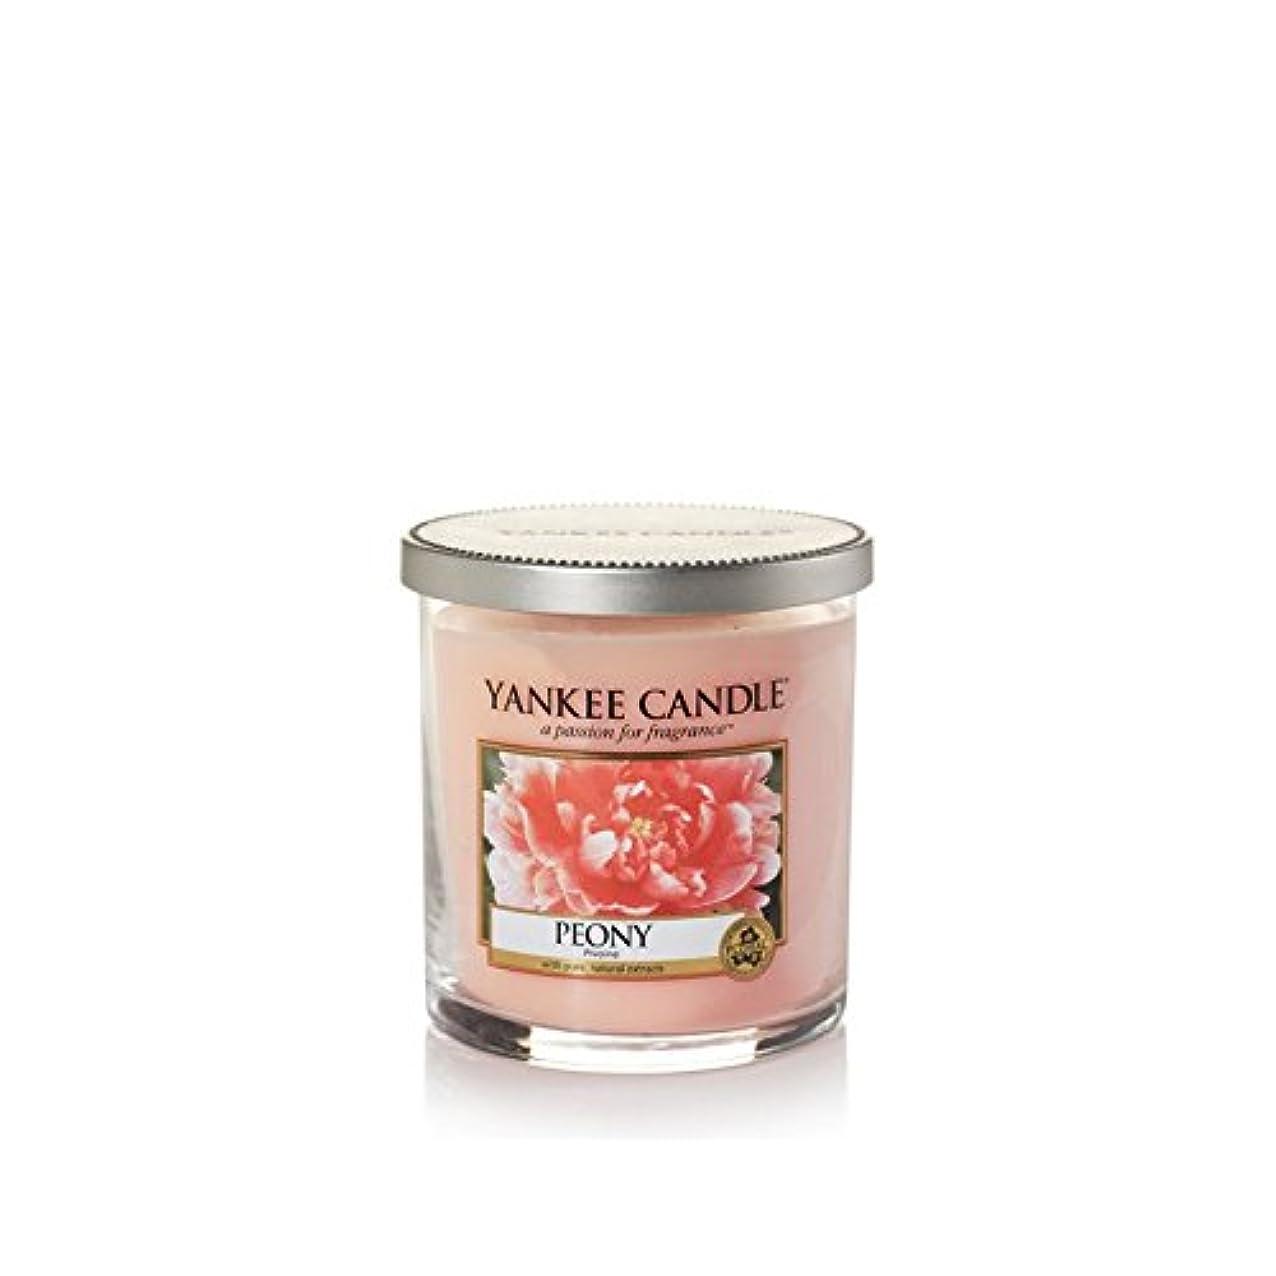 残高言語ためらうYankee Candles Small Pillar Candle - Peony (Pack of 2) - ヤンキーキャンドルの小さな柱キャンドル - 牡丹 (x2) [並行輸入品]